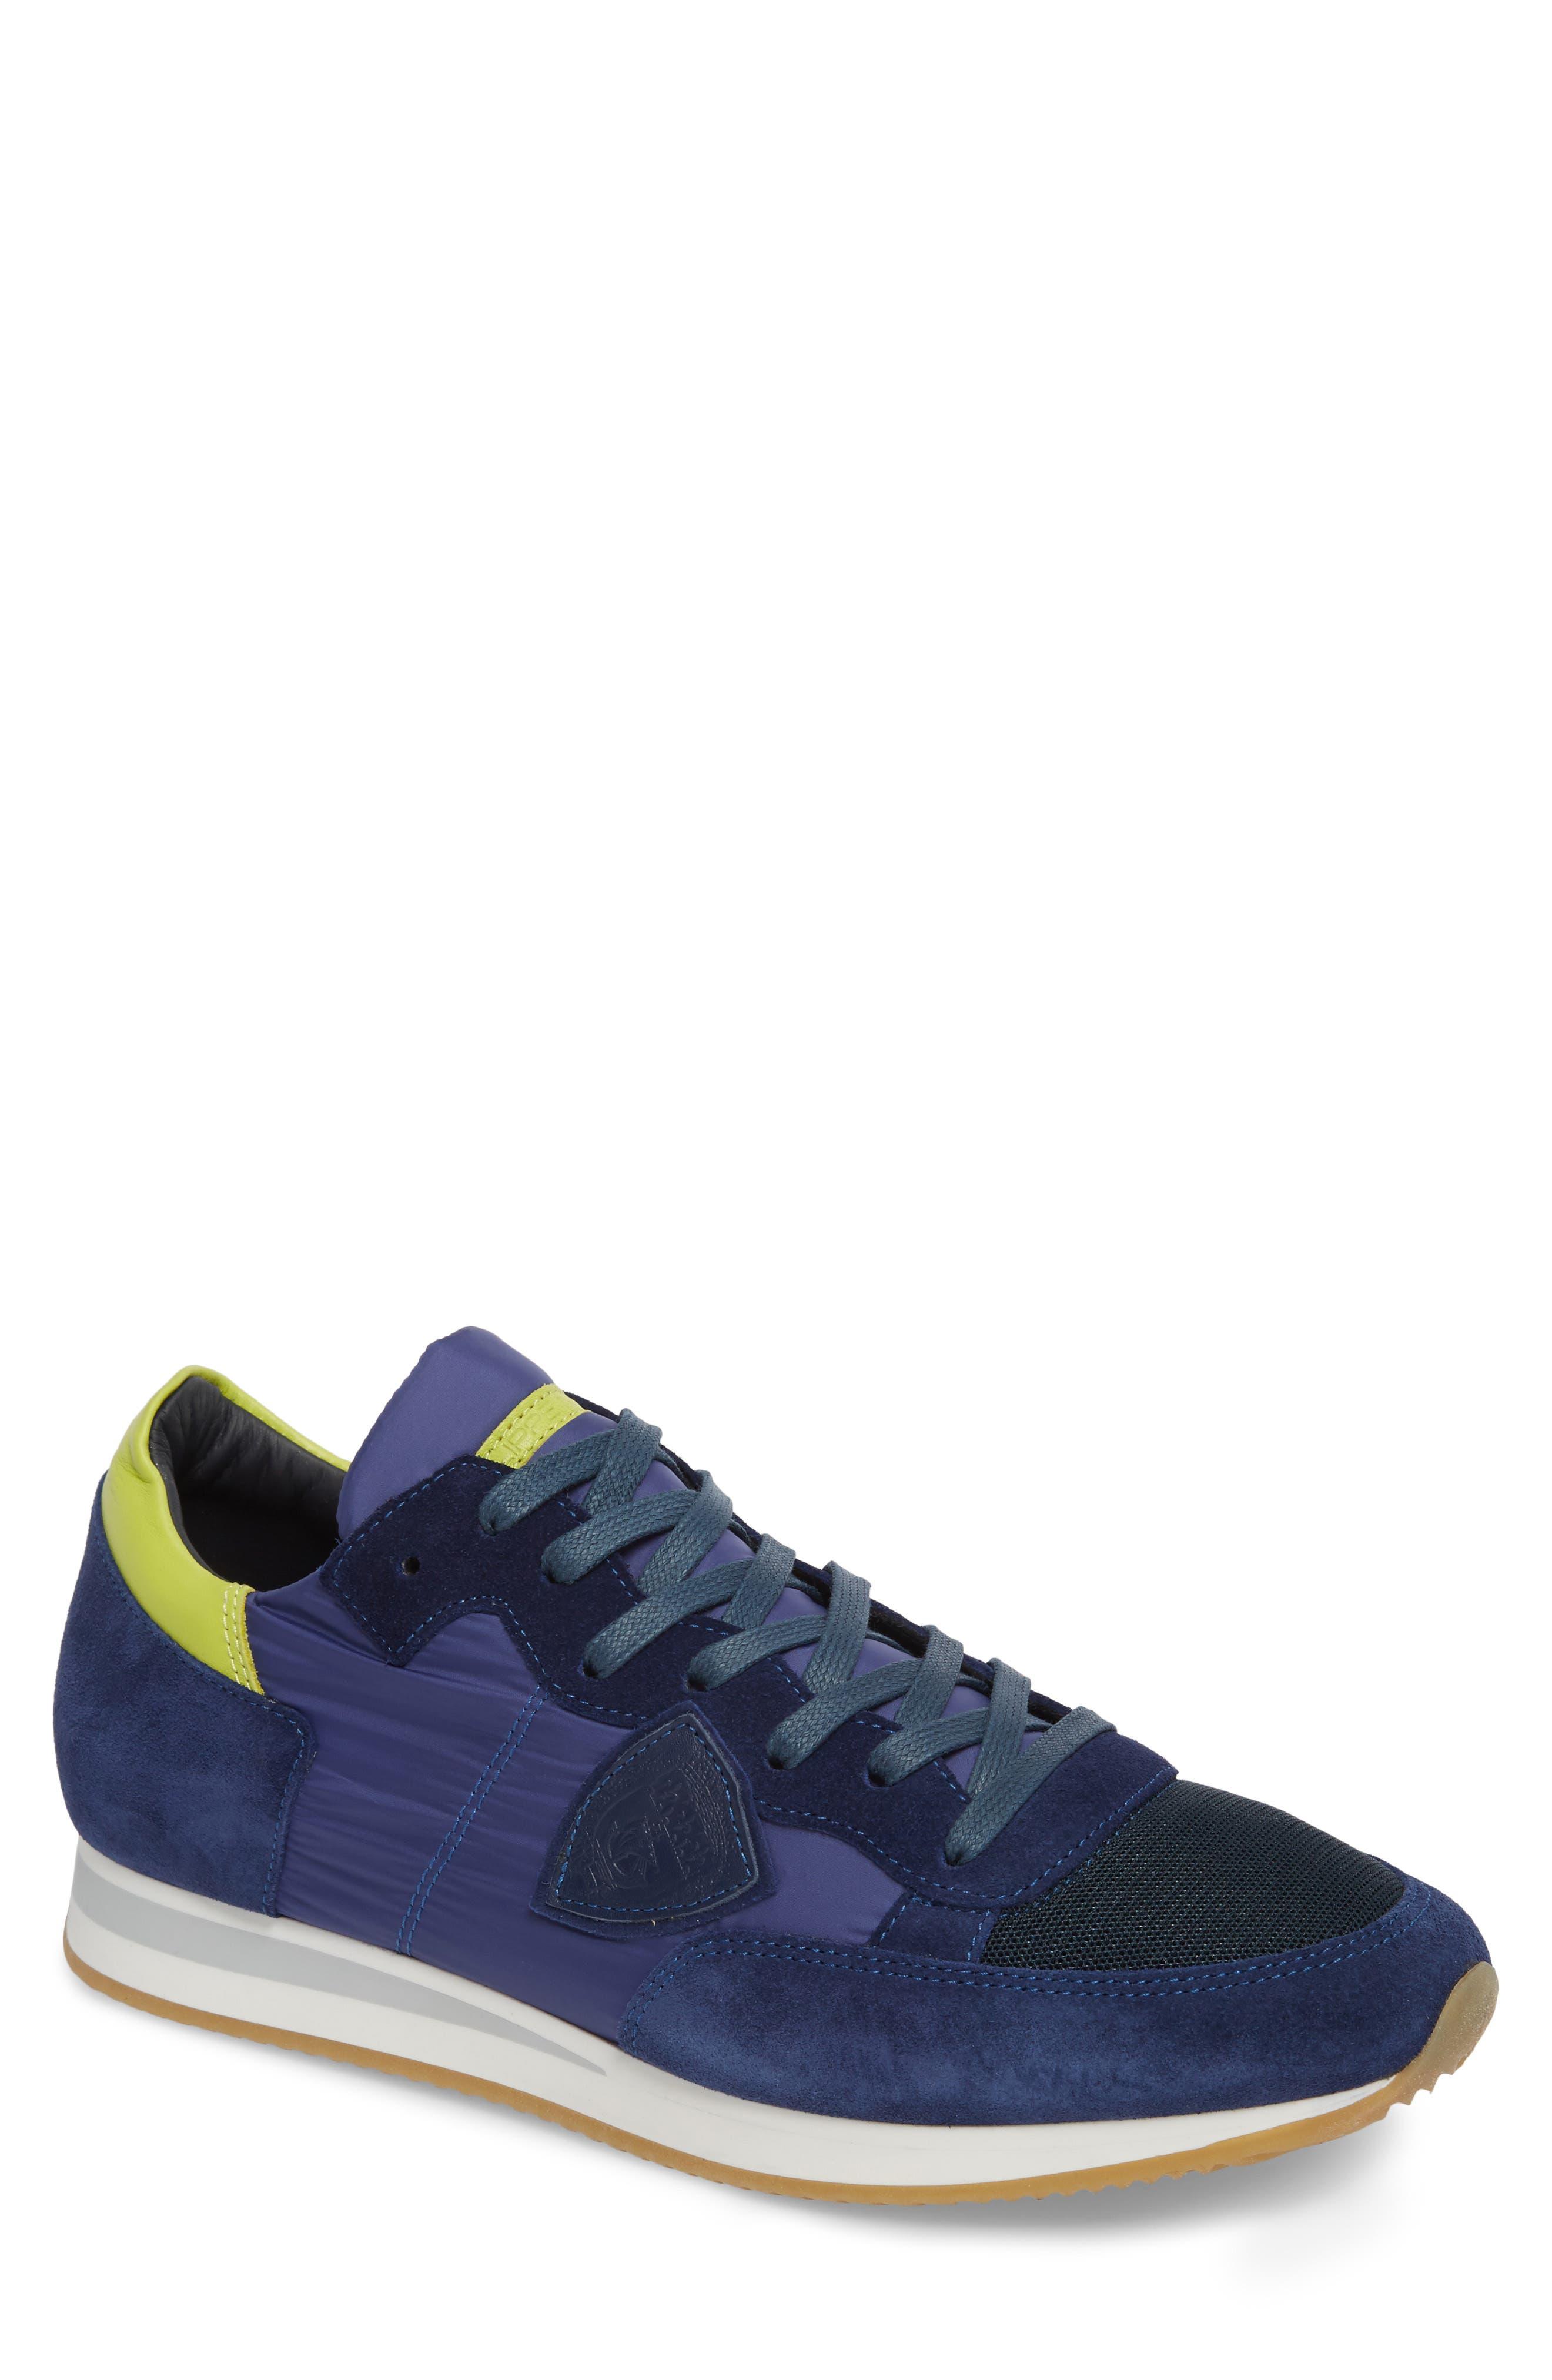 Tropez Low Top Sneaker,                         Main,                         color, Blue/ Citron